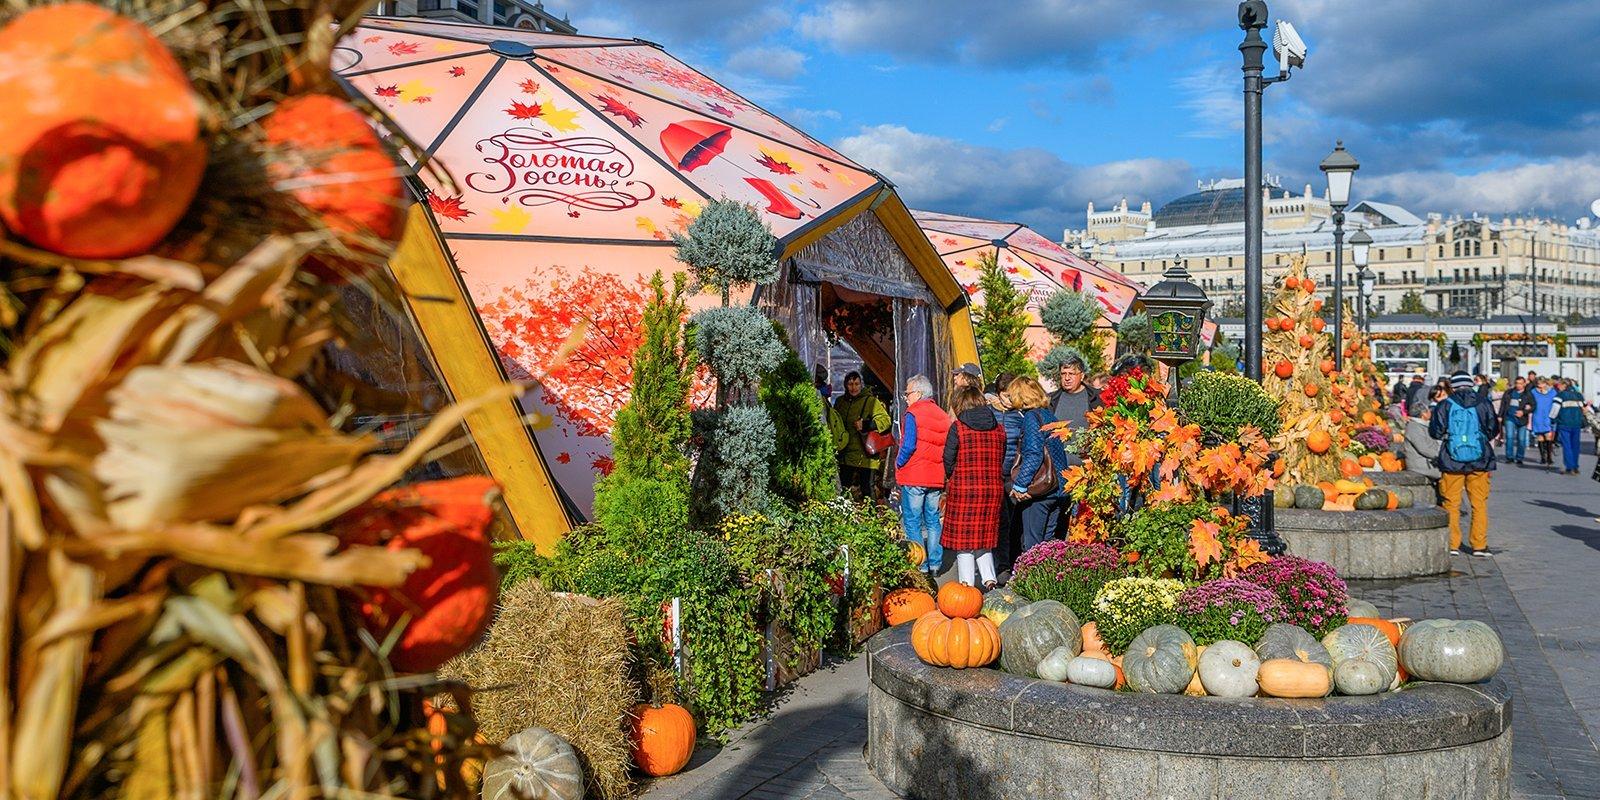 Деликатесы, история сельского хозяйства и новые технологии: как пройдет фестиваль «Золотая осень»